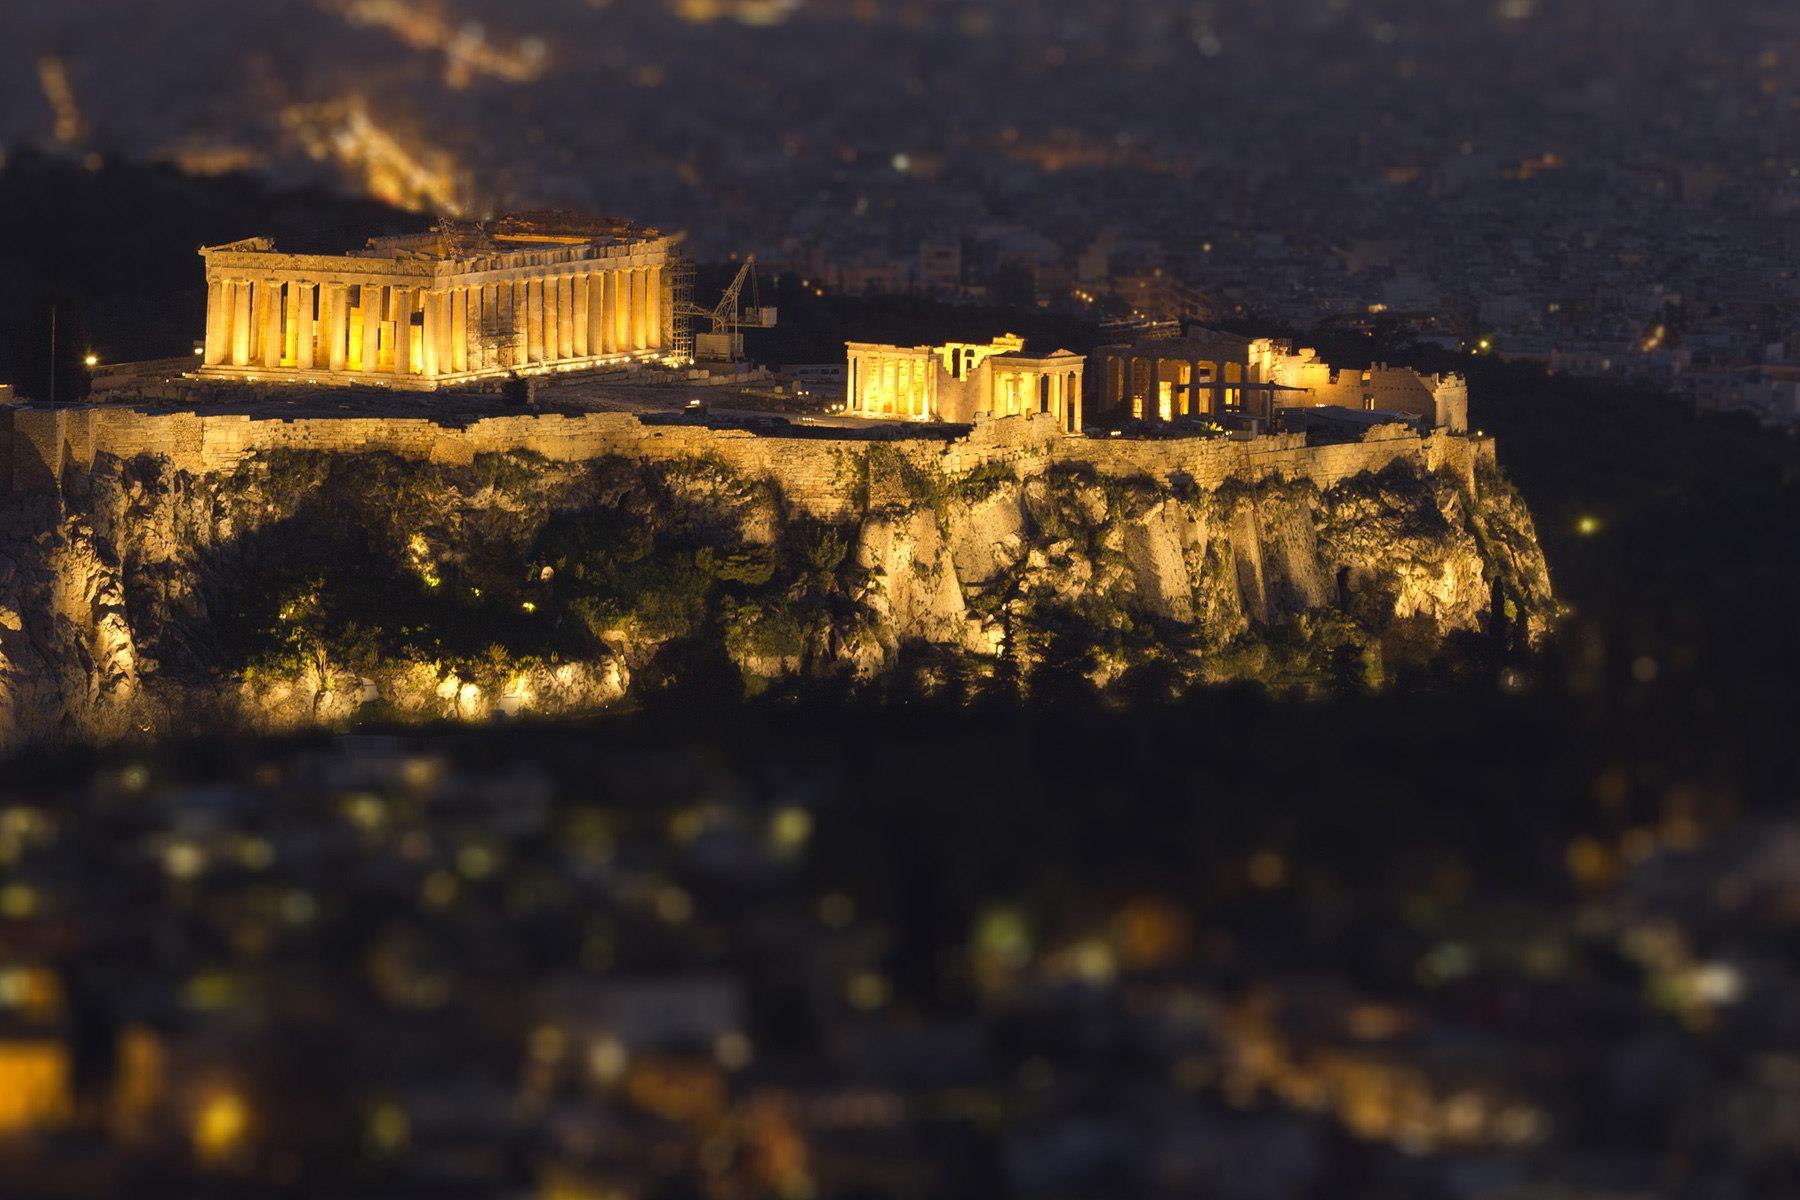 night-view-of-the-parthenon-in-acropolis-athens